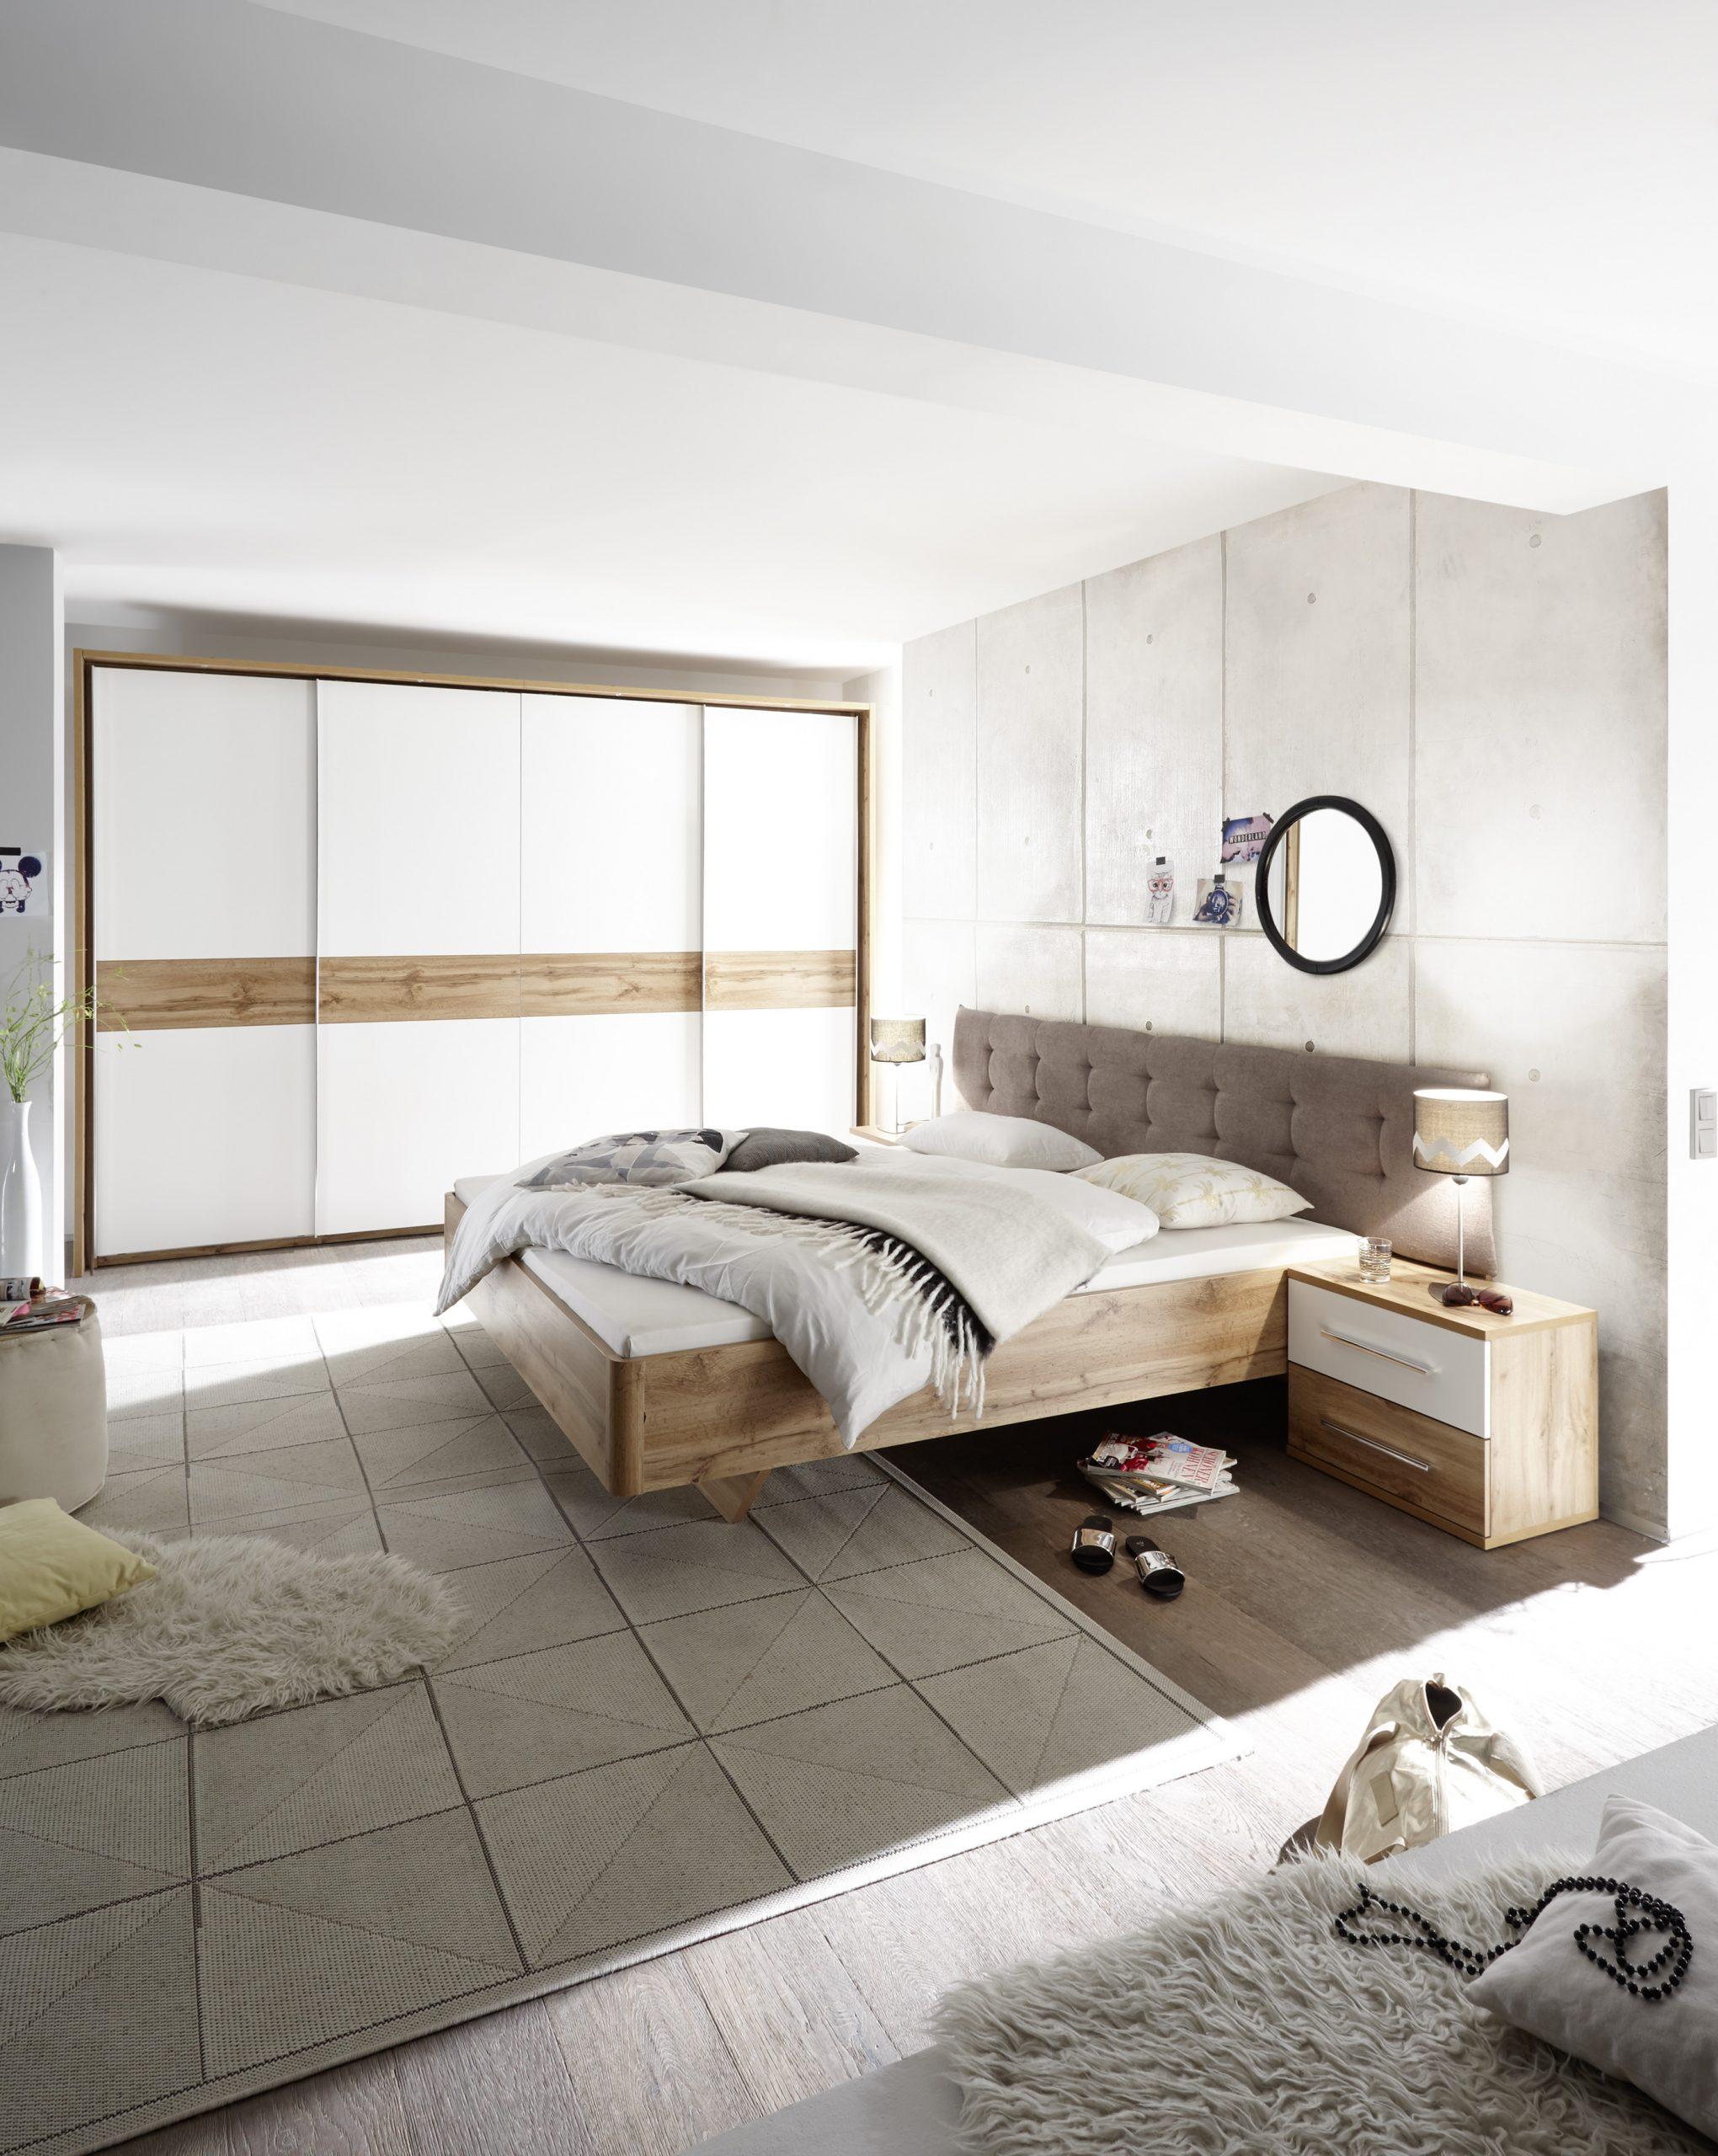 Full Size of Schlafzimmer Komplett Set 5 Tlg Bergamo Bett 180 Kleiderschrank Stuhl Komplette Deckenleuchte Mit Lattenrost Und Matratze Lampen Romantische Guenstig Wiemann Schlafzimmer Schlafzimmer Komplett Guenstig